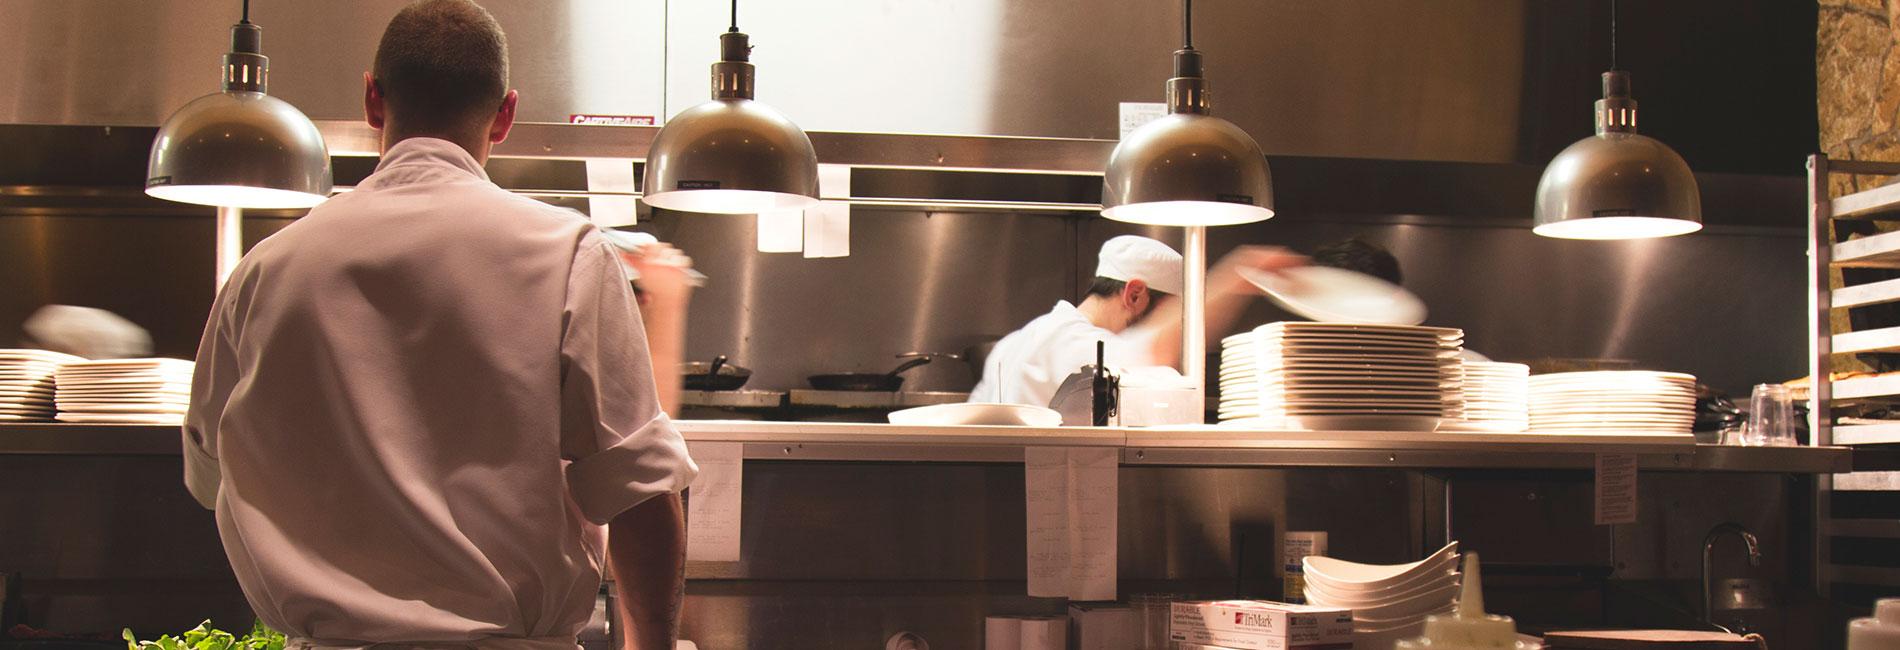 curso-cocina-el-chef-frances-ecotur-ecuela-cocina turismo-valencia